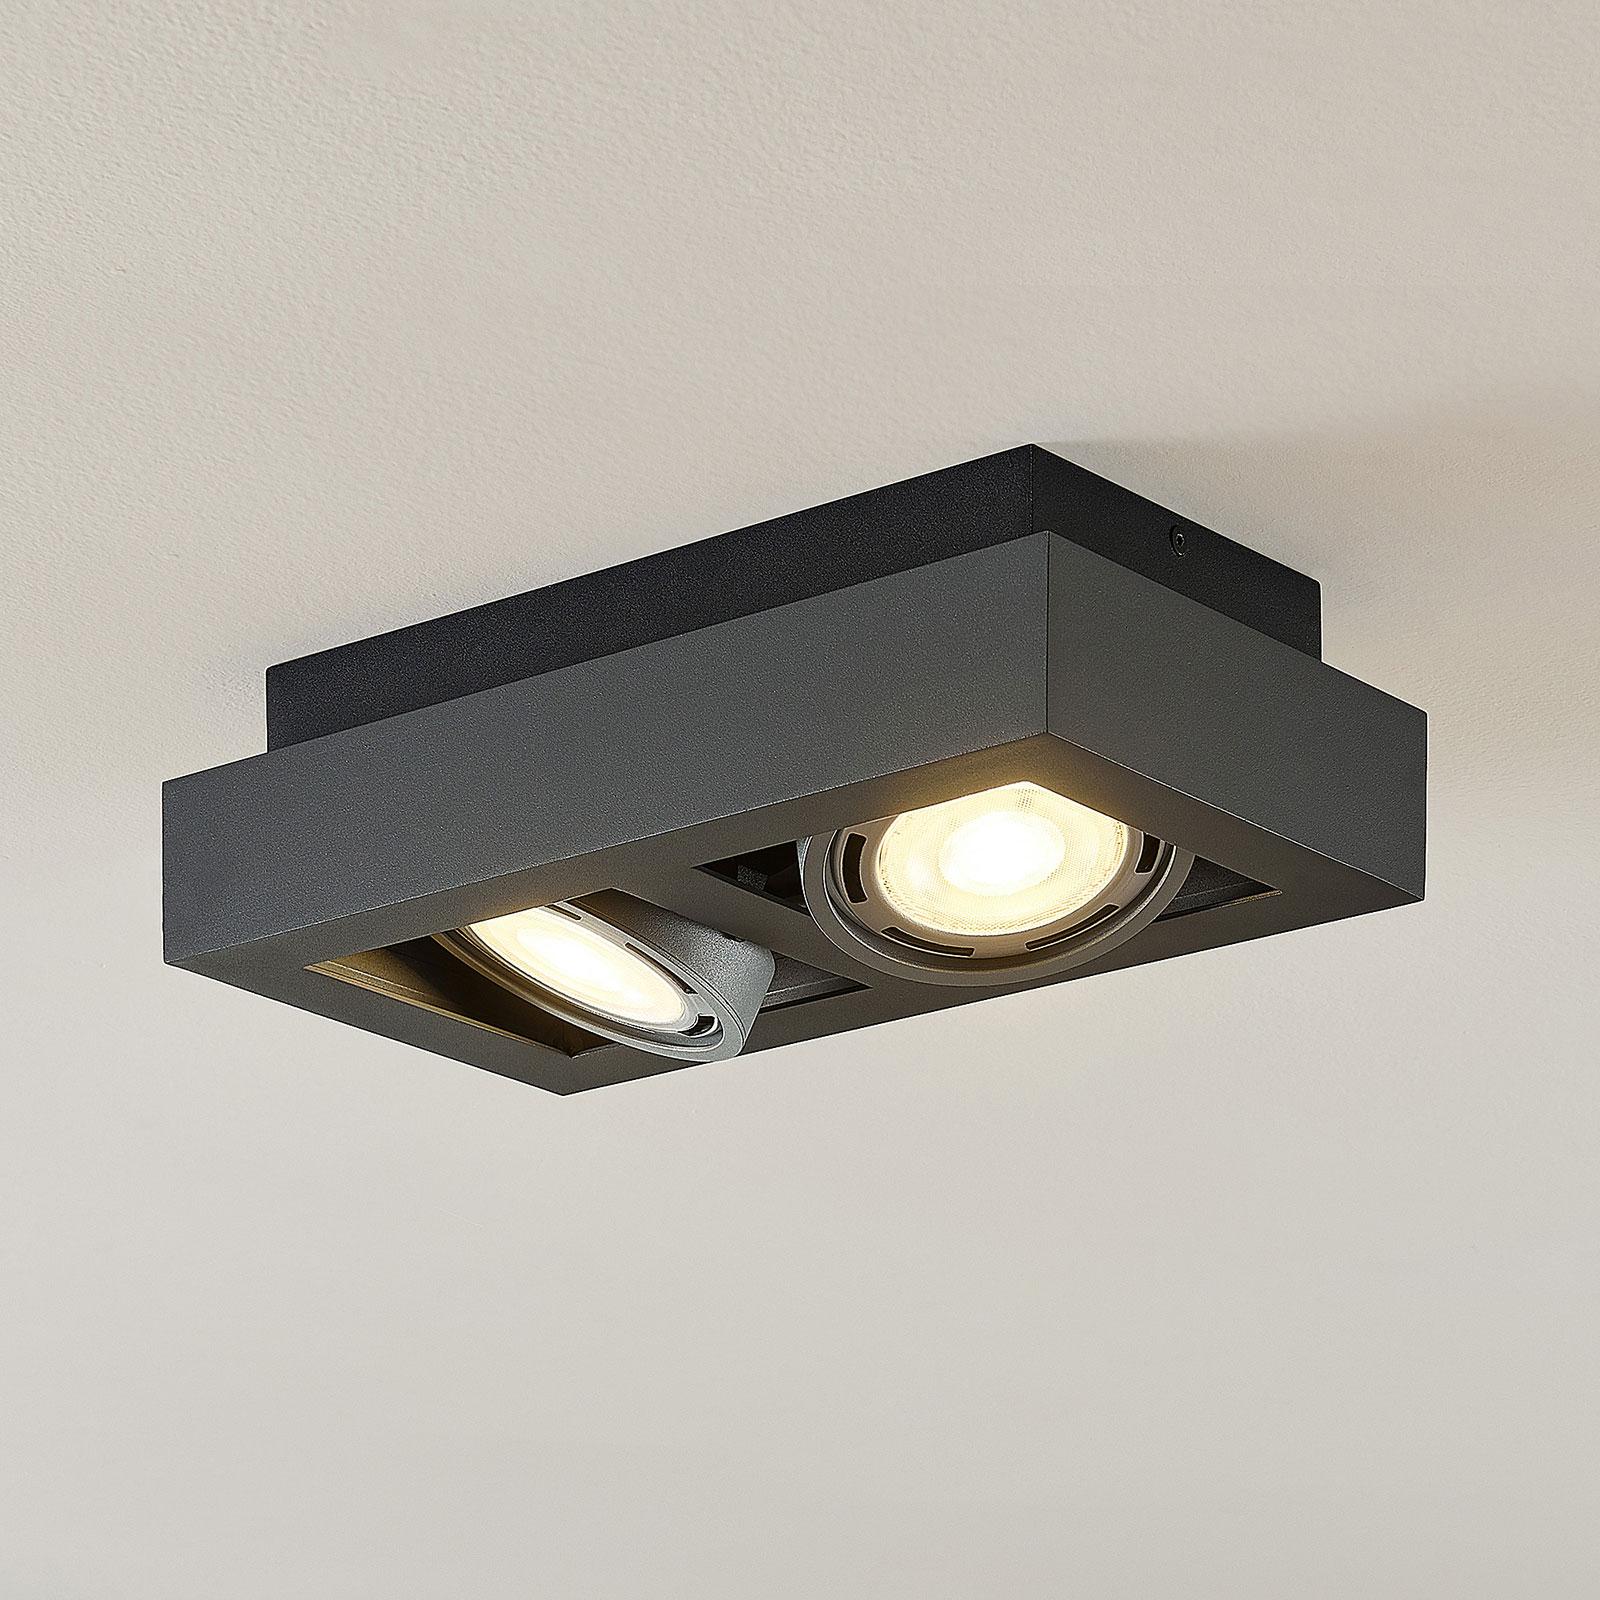 Spot sufitowy LED Ronka, GU10, 2-pkt., ciemnoszary